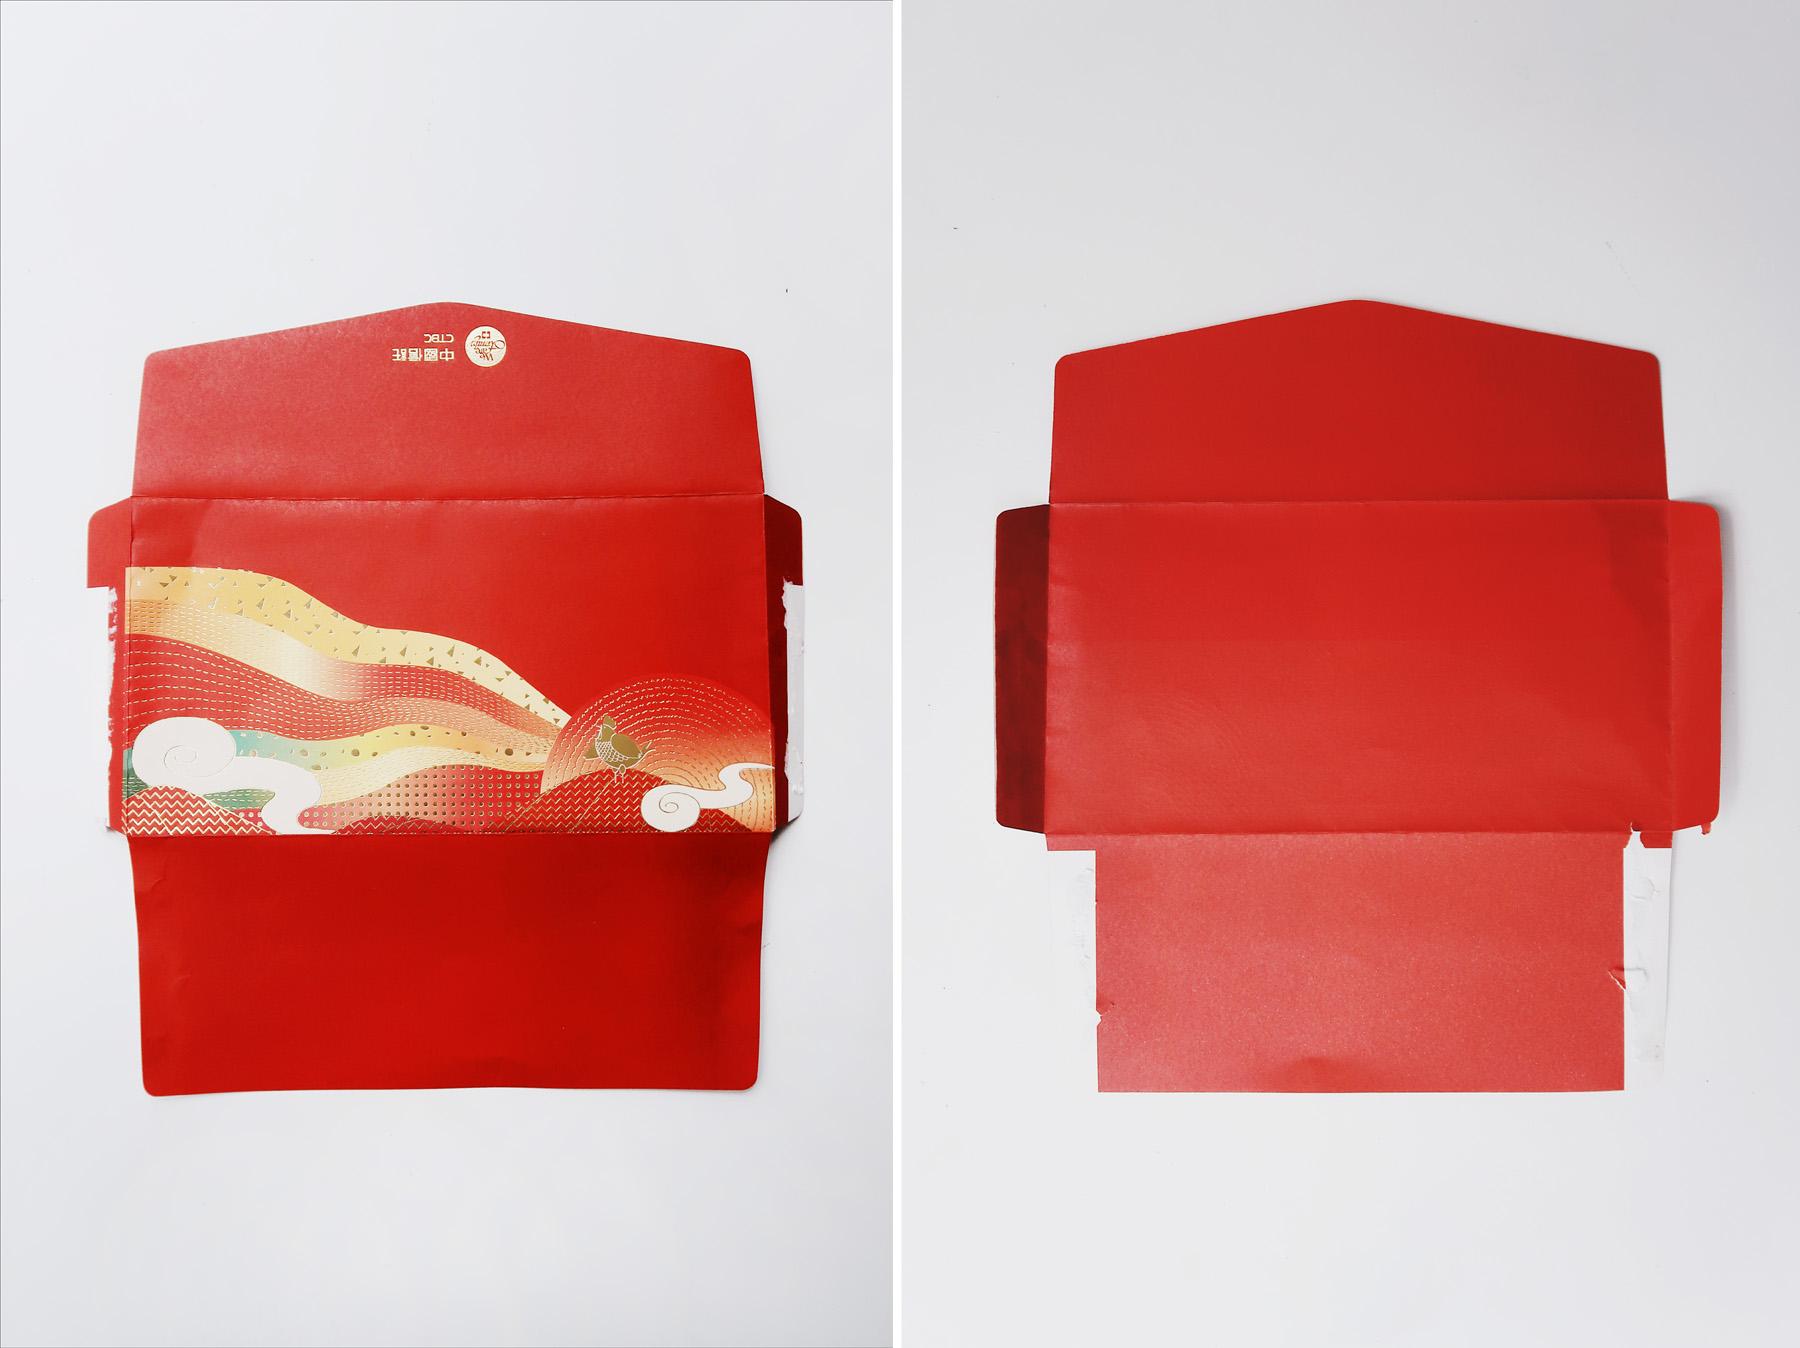 / 灰調 / DIY手作小教學:立體錦鯉紅包袋 - 拆封攤平